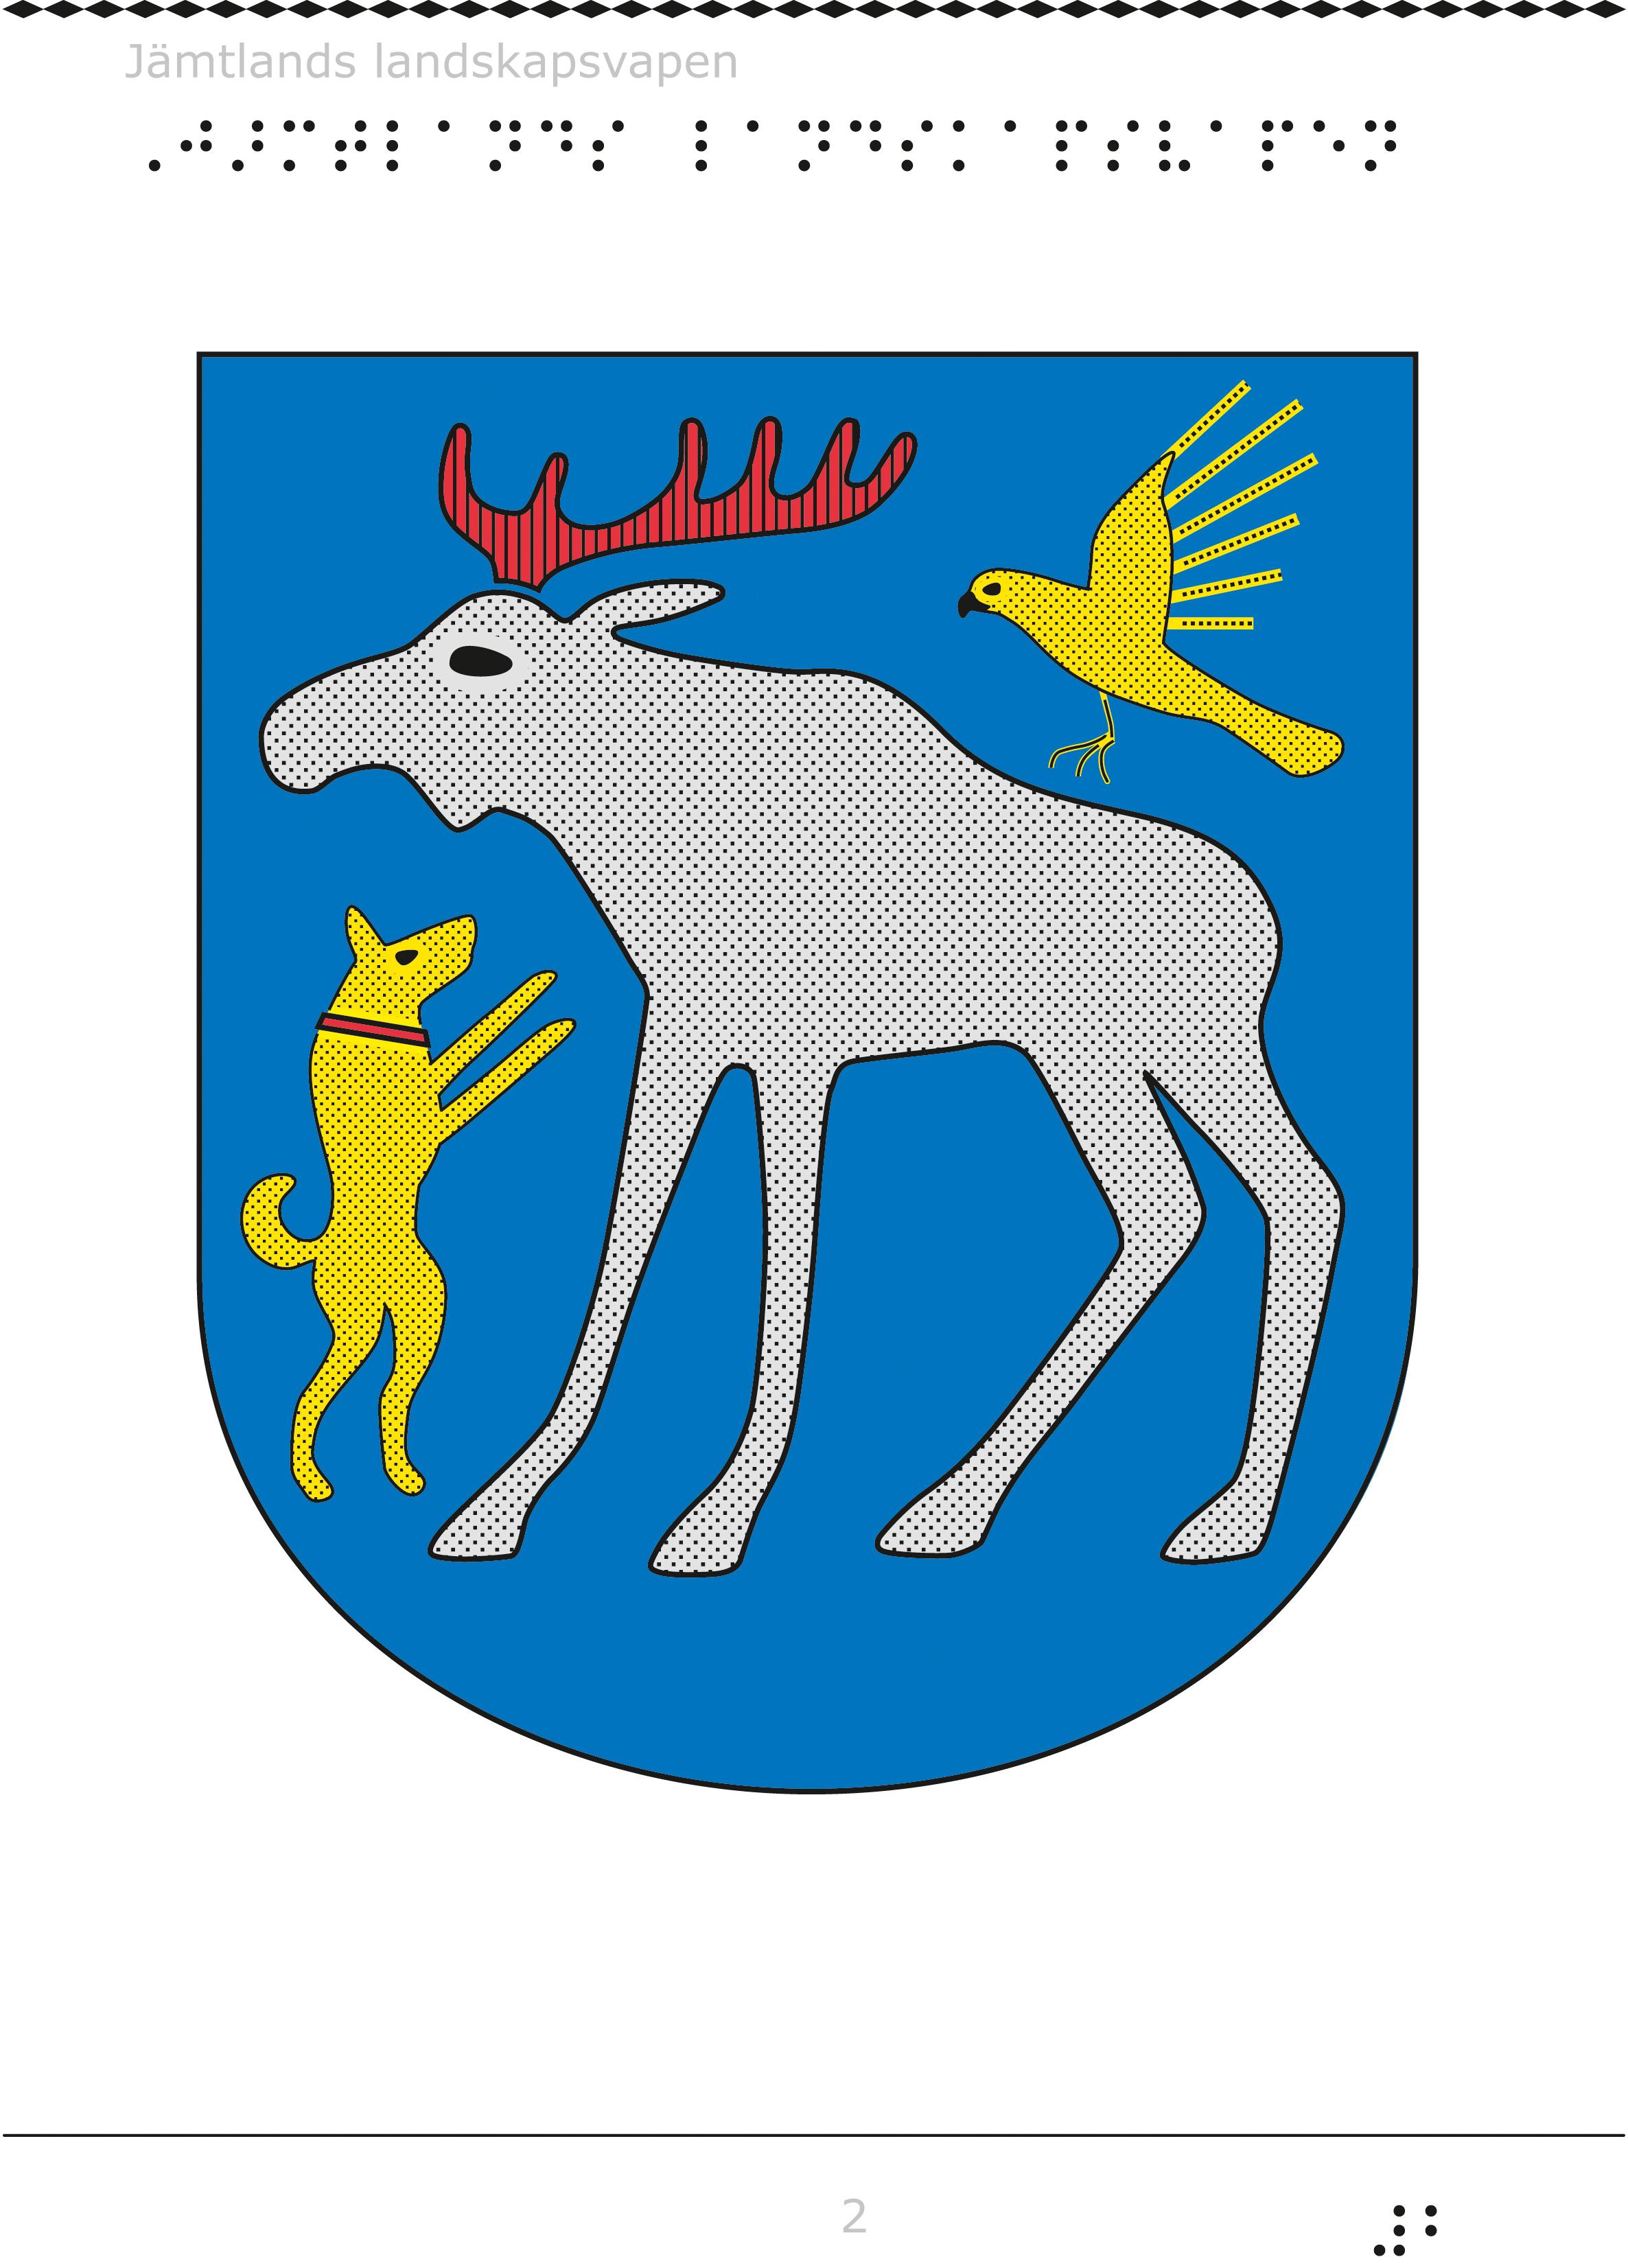 Jämtlands landskapsvapen.